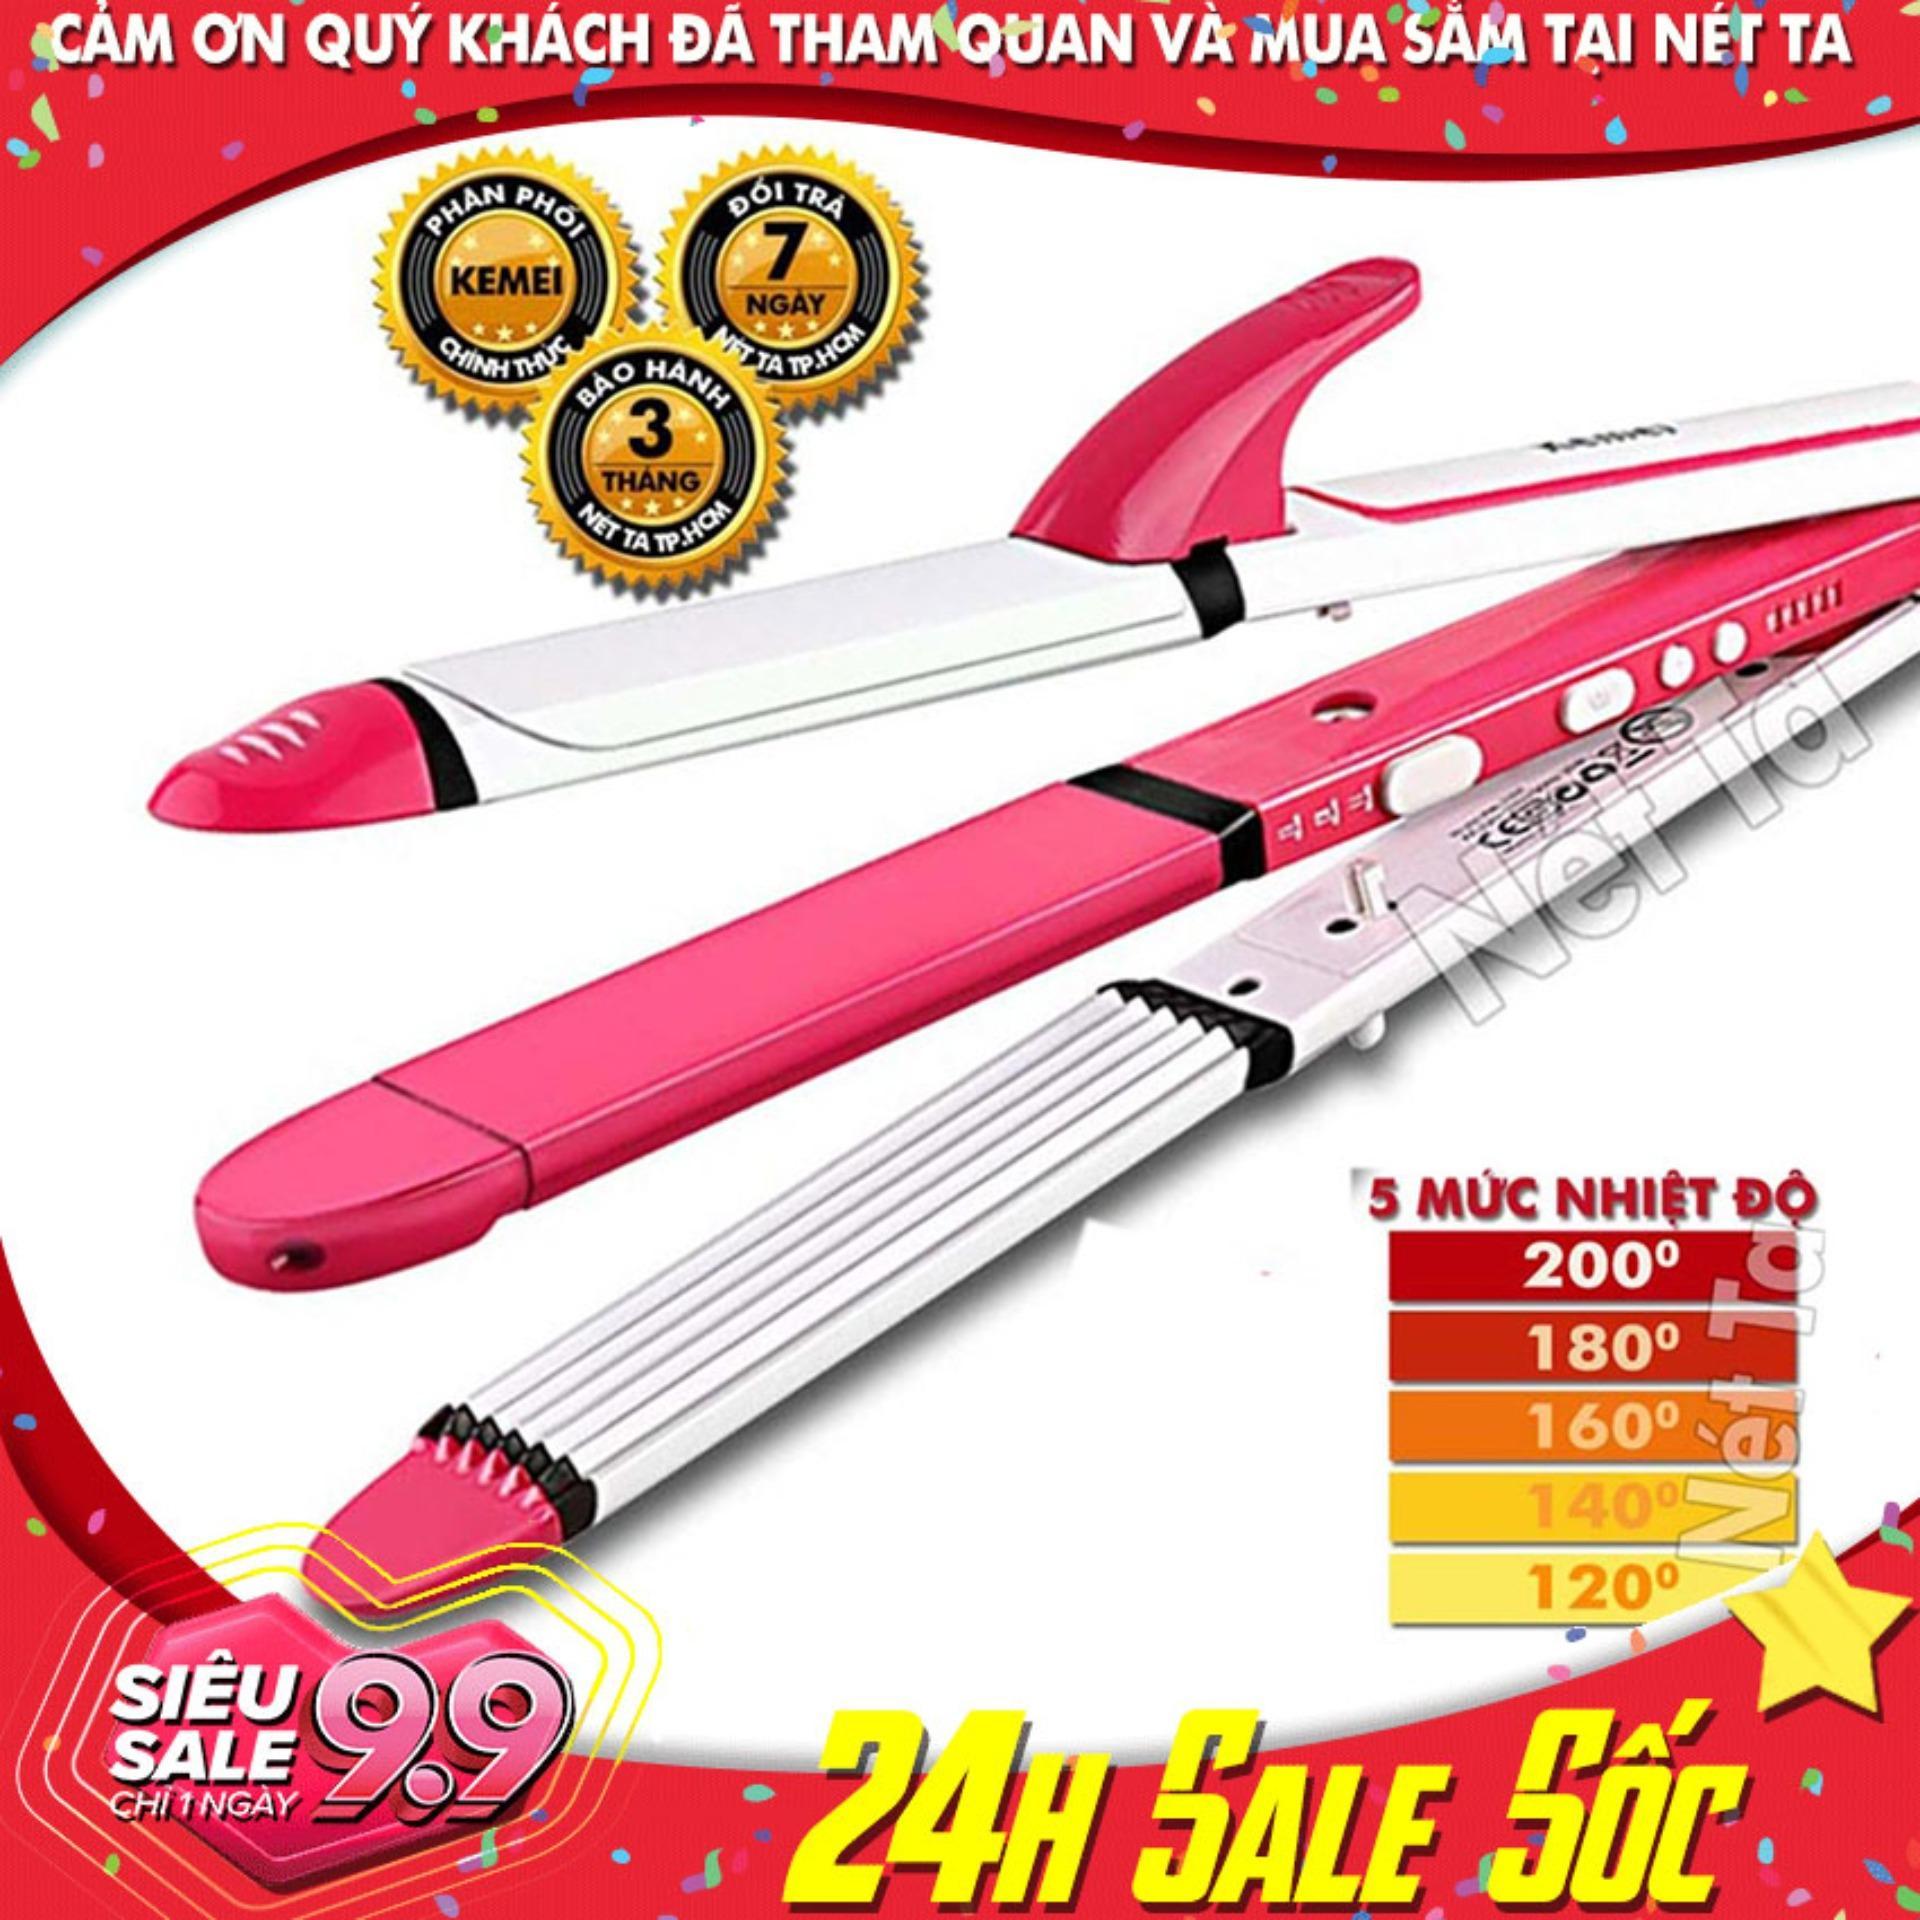 Giá Máy tạo kiểu tóc 3in1 điều chỉnh nhiệt độ Kemei 3304 uốn, duỗi, dập xù tóc đa năng Hãng phân phối chính thức